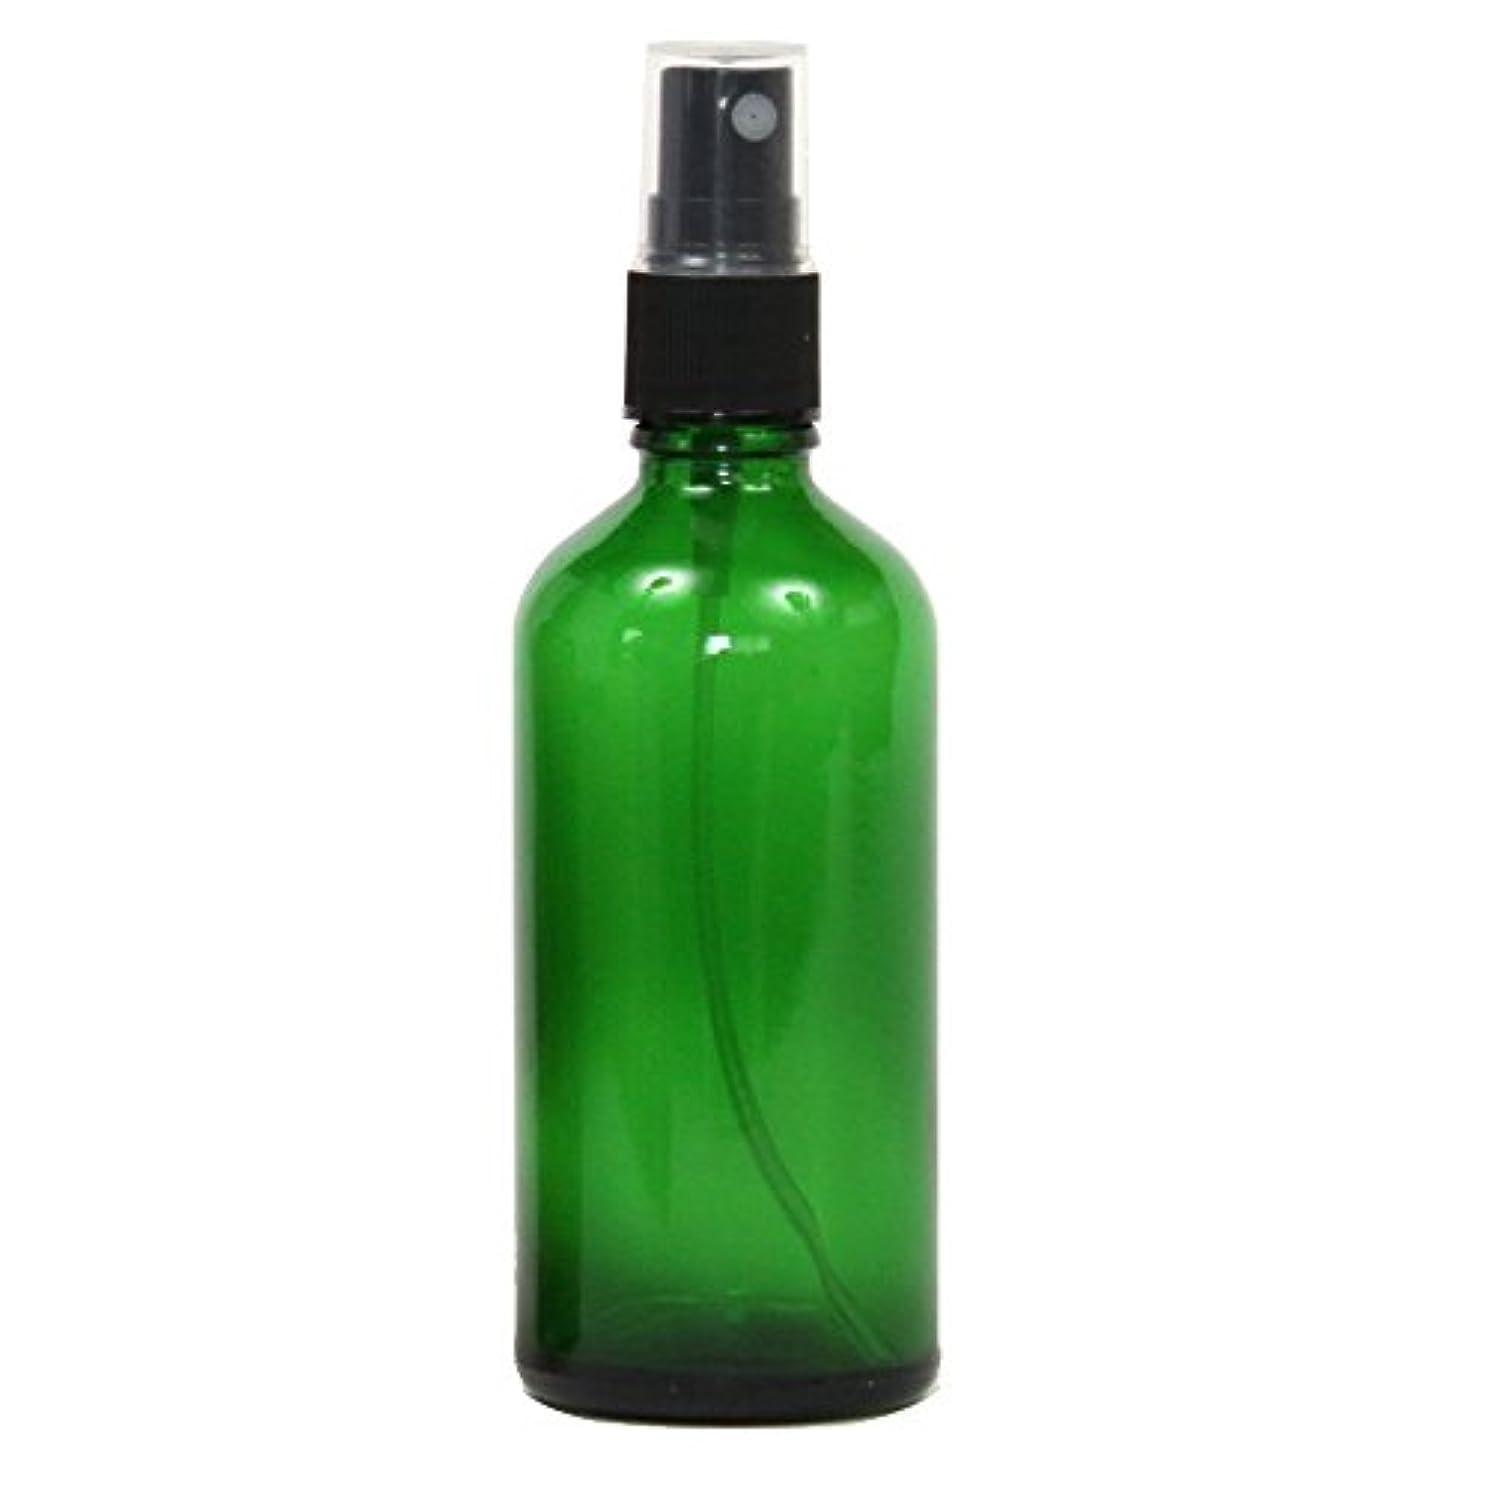 韻デザート微生物スプレーボトル ガラス瓶 100mL 【グリーン 緑色】 遮光性 ガラスアトマイザー 空容器gr100g